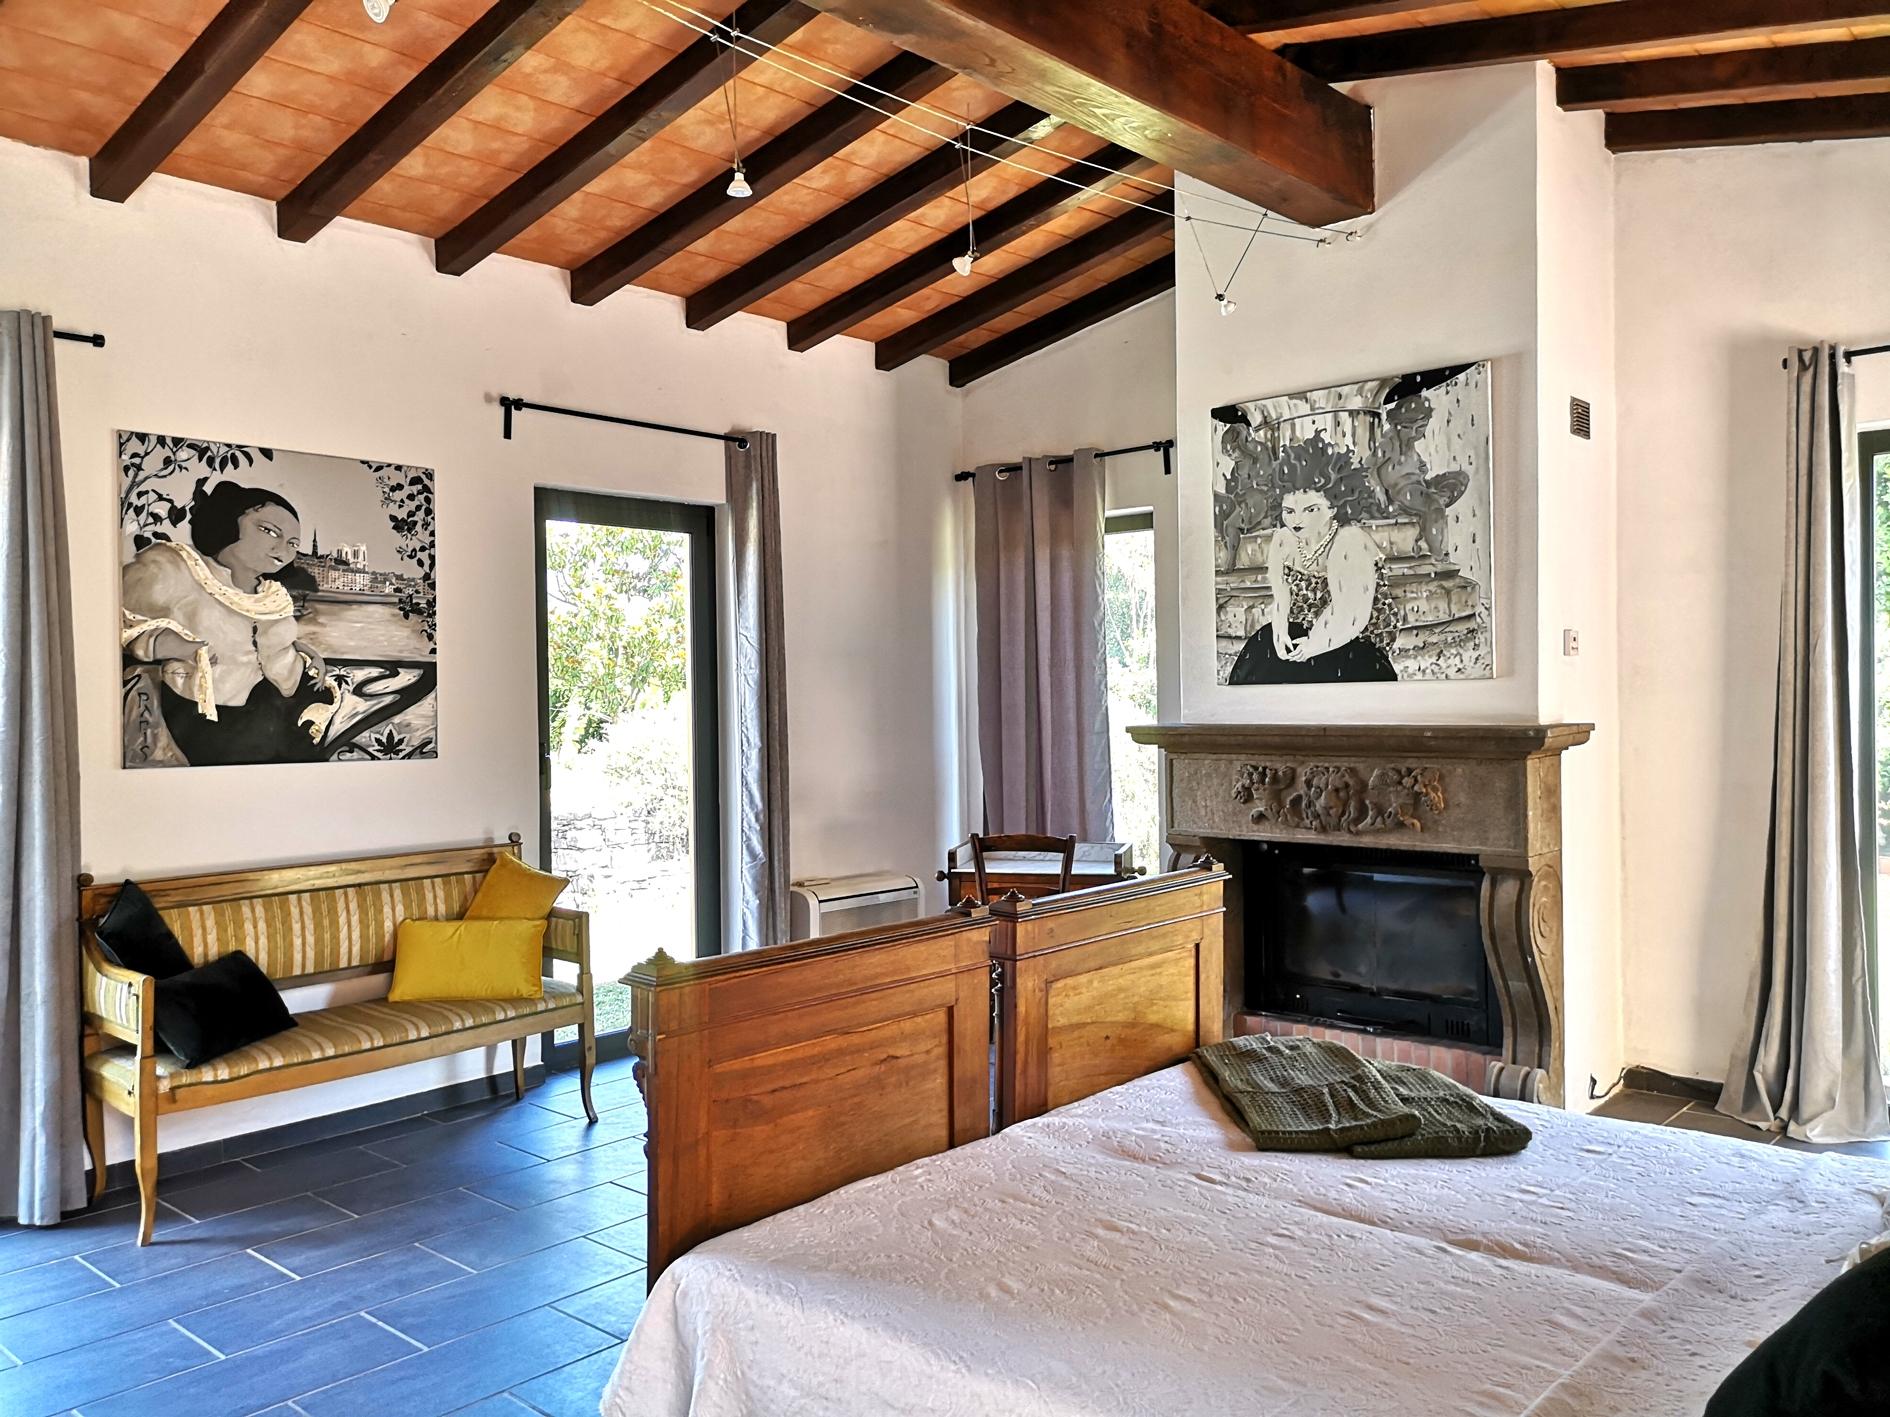 Cucina Con Finestra Orizzontale art villa armonia - villas for rent in sarzana, la spezia